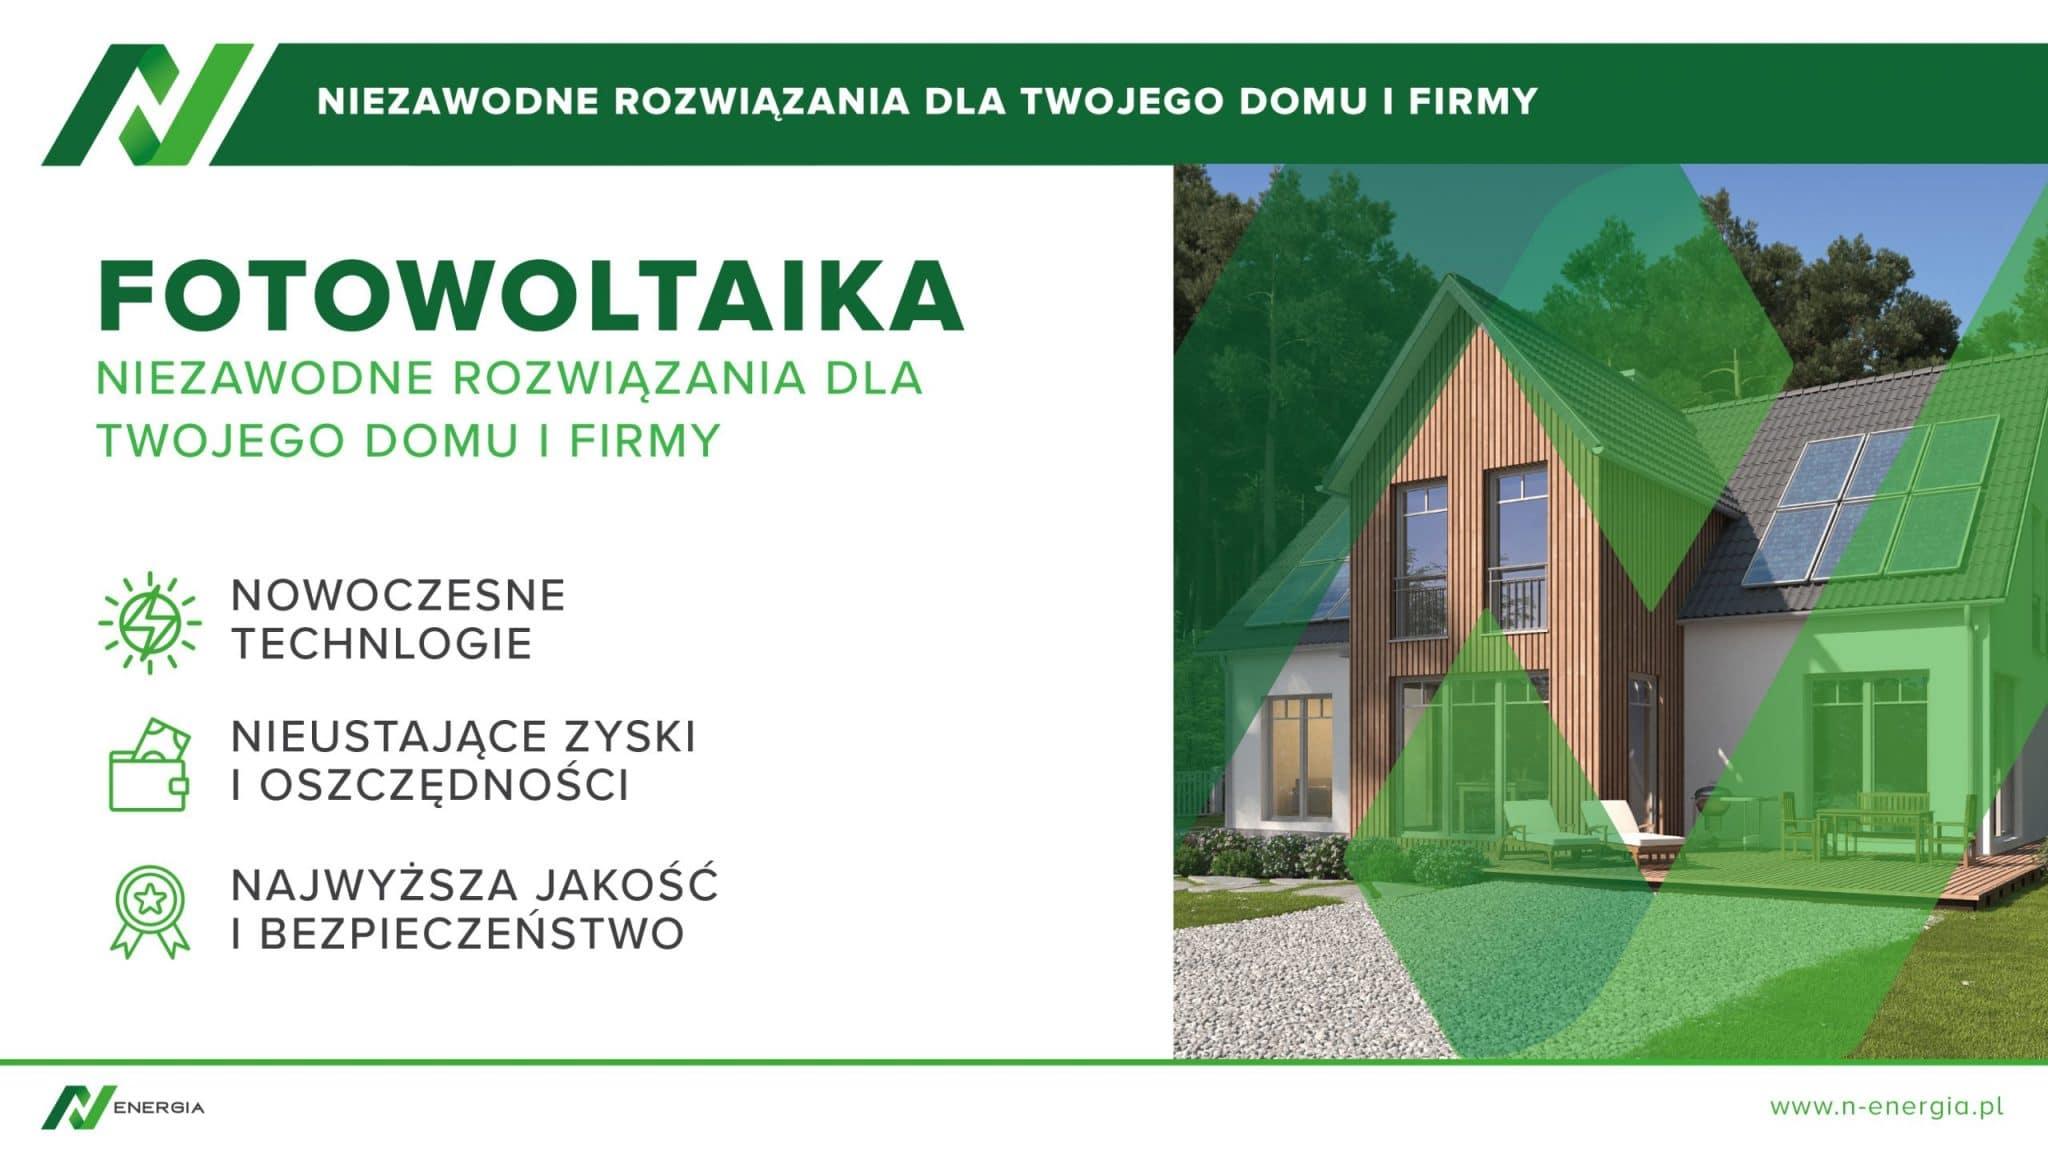 Fotowoltanika